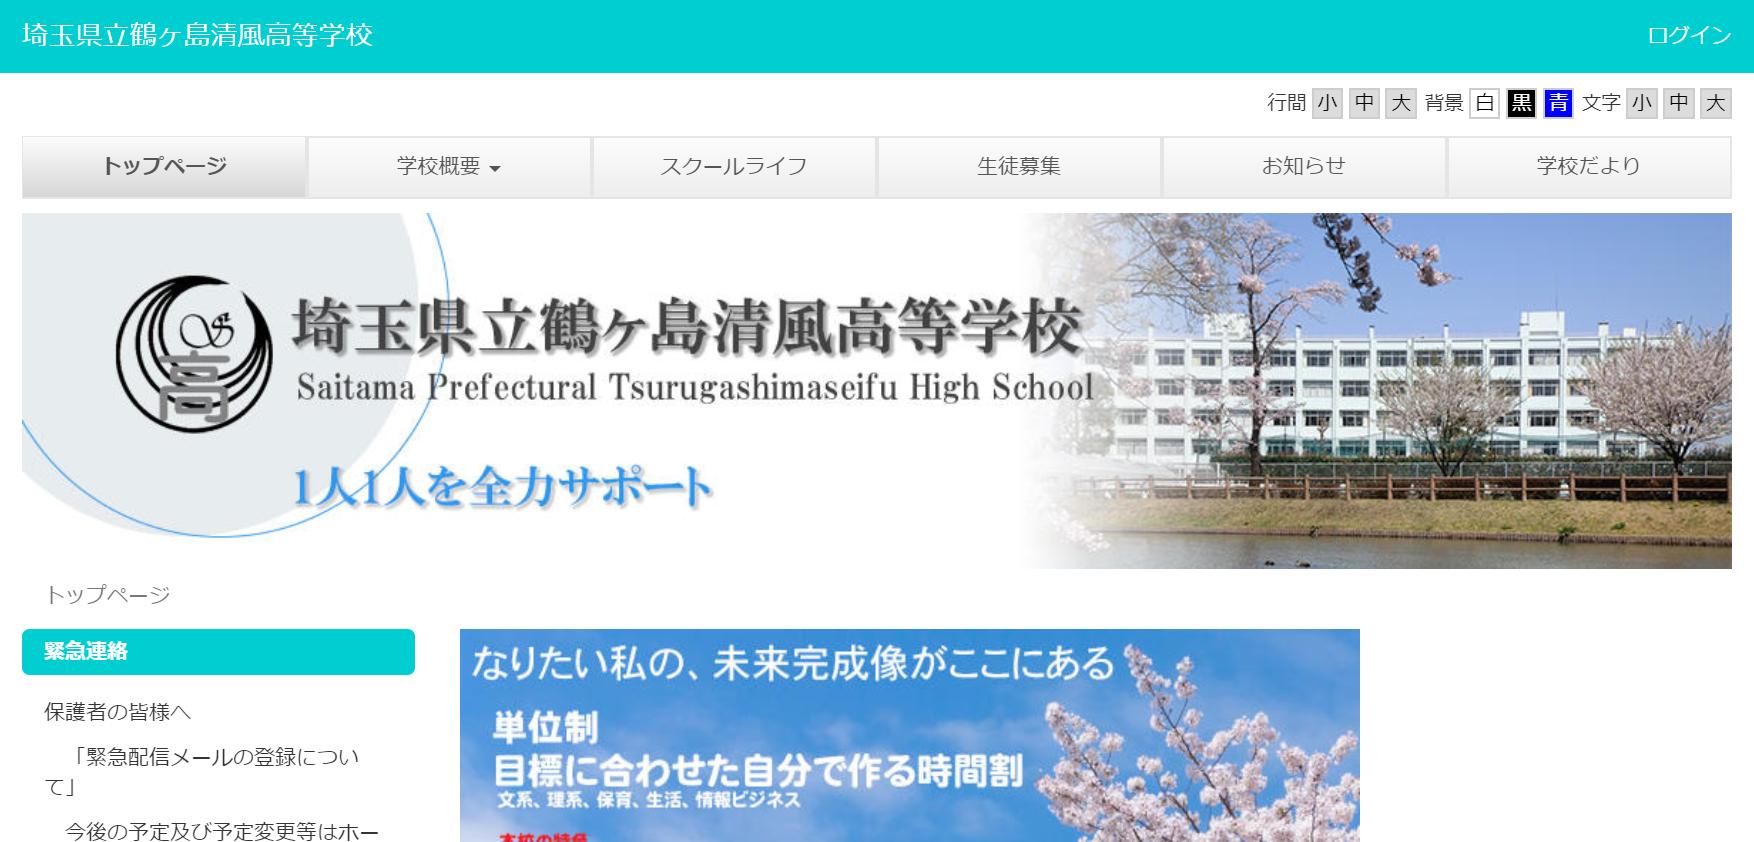 鶴ヶ島清風高校の口コミ・評判